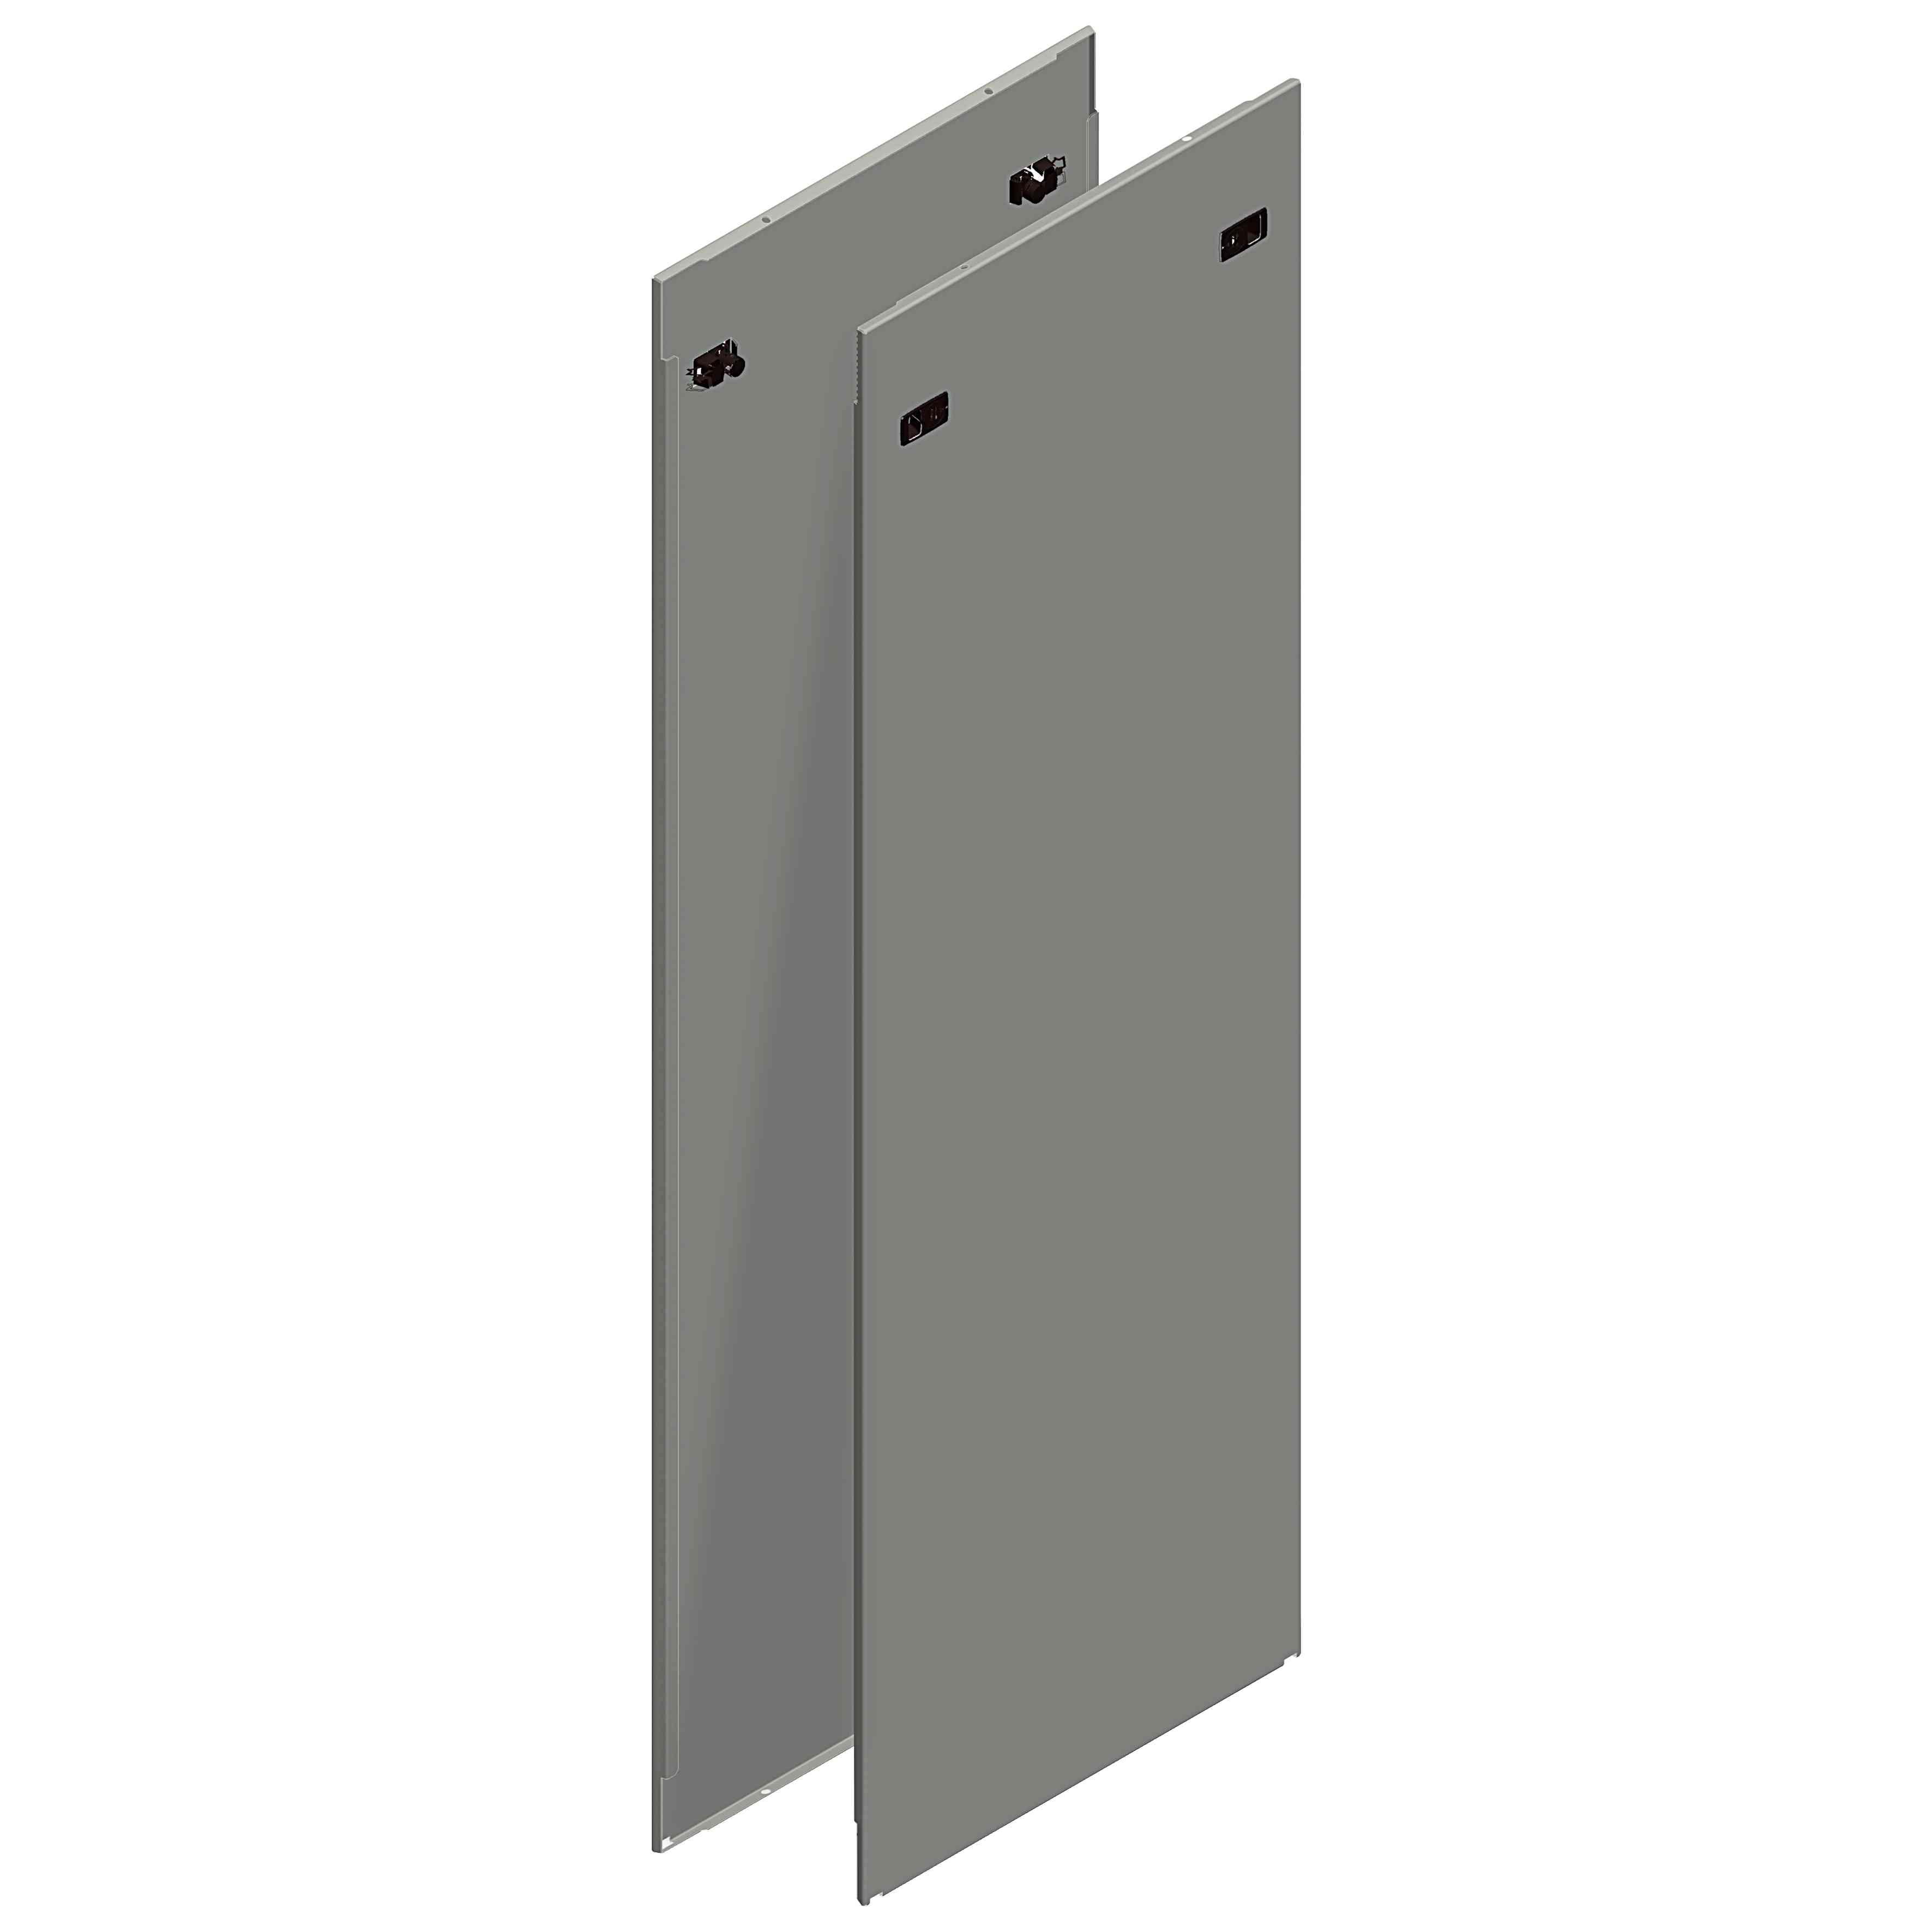 Stranske plošče Spacial SF za hitro pritrditev - 1200 x 800 mm